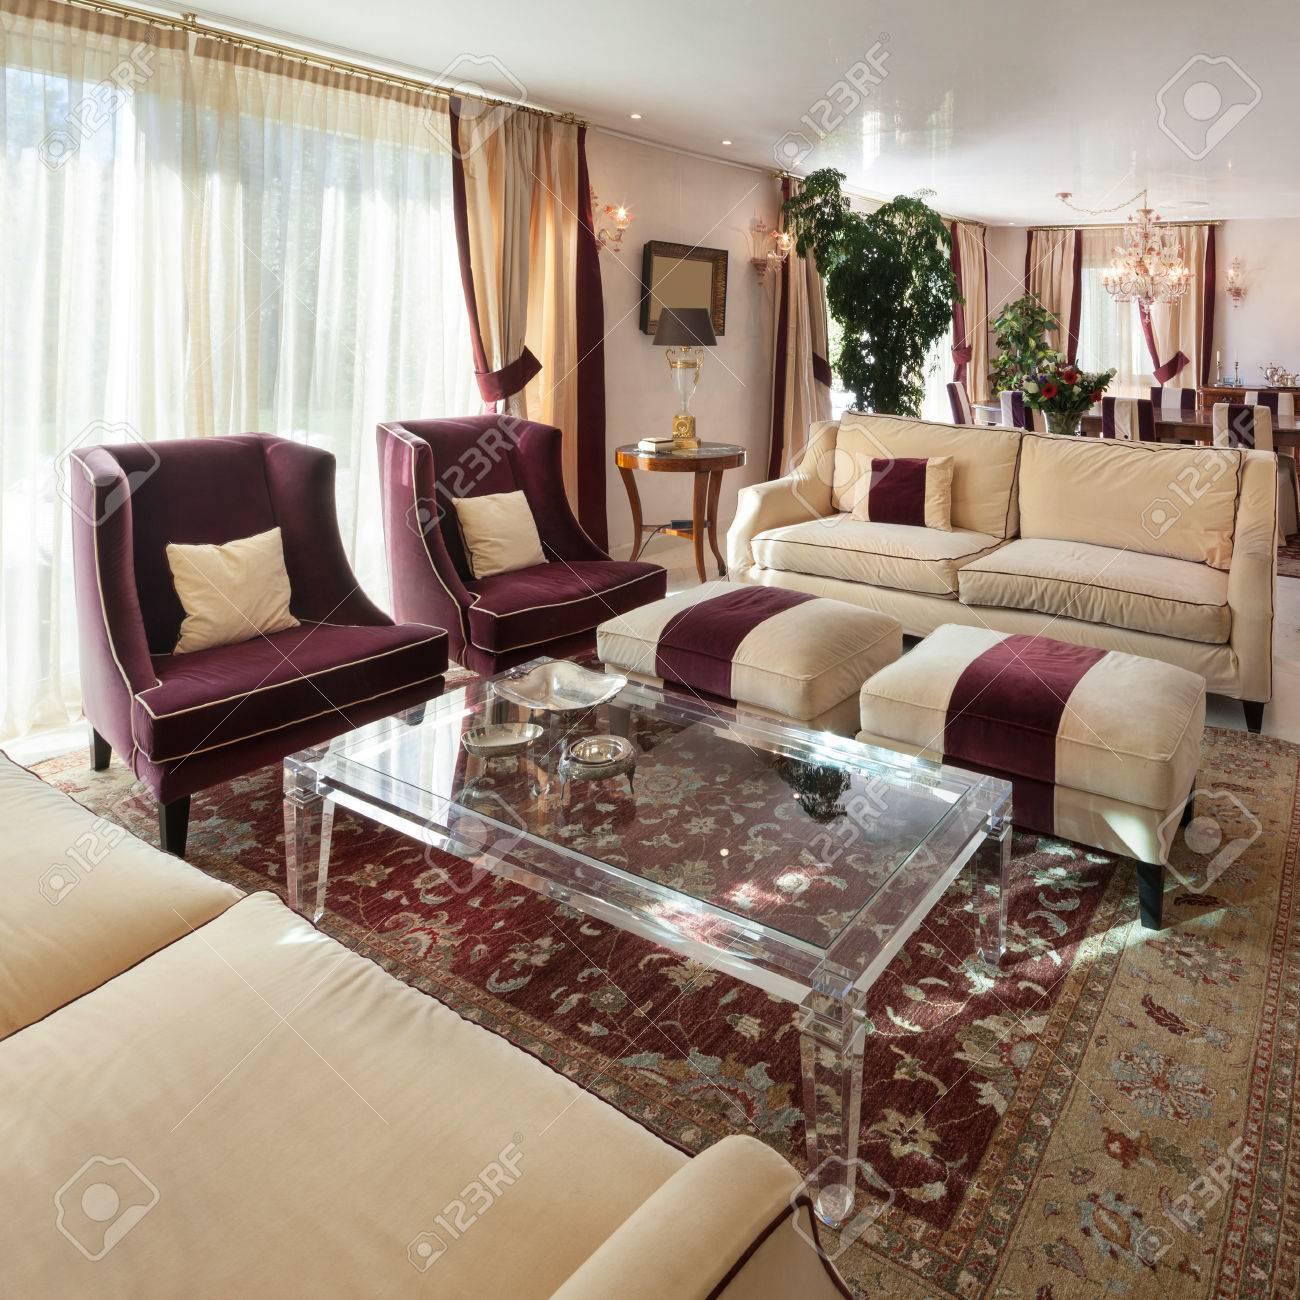 Komfortables Wohnzimmer Eines Hauses, Klassisches Design Möbel ...